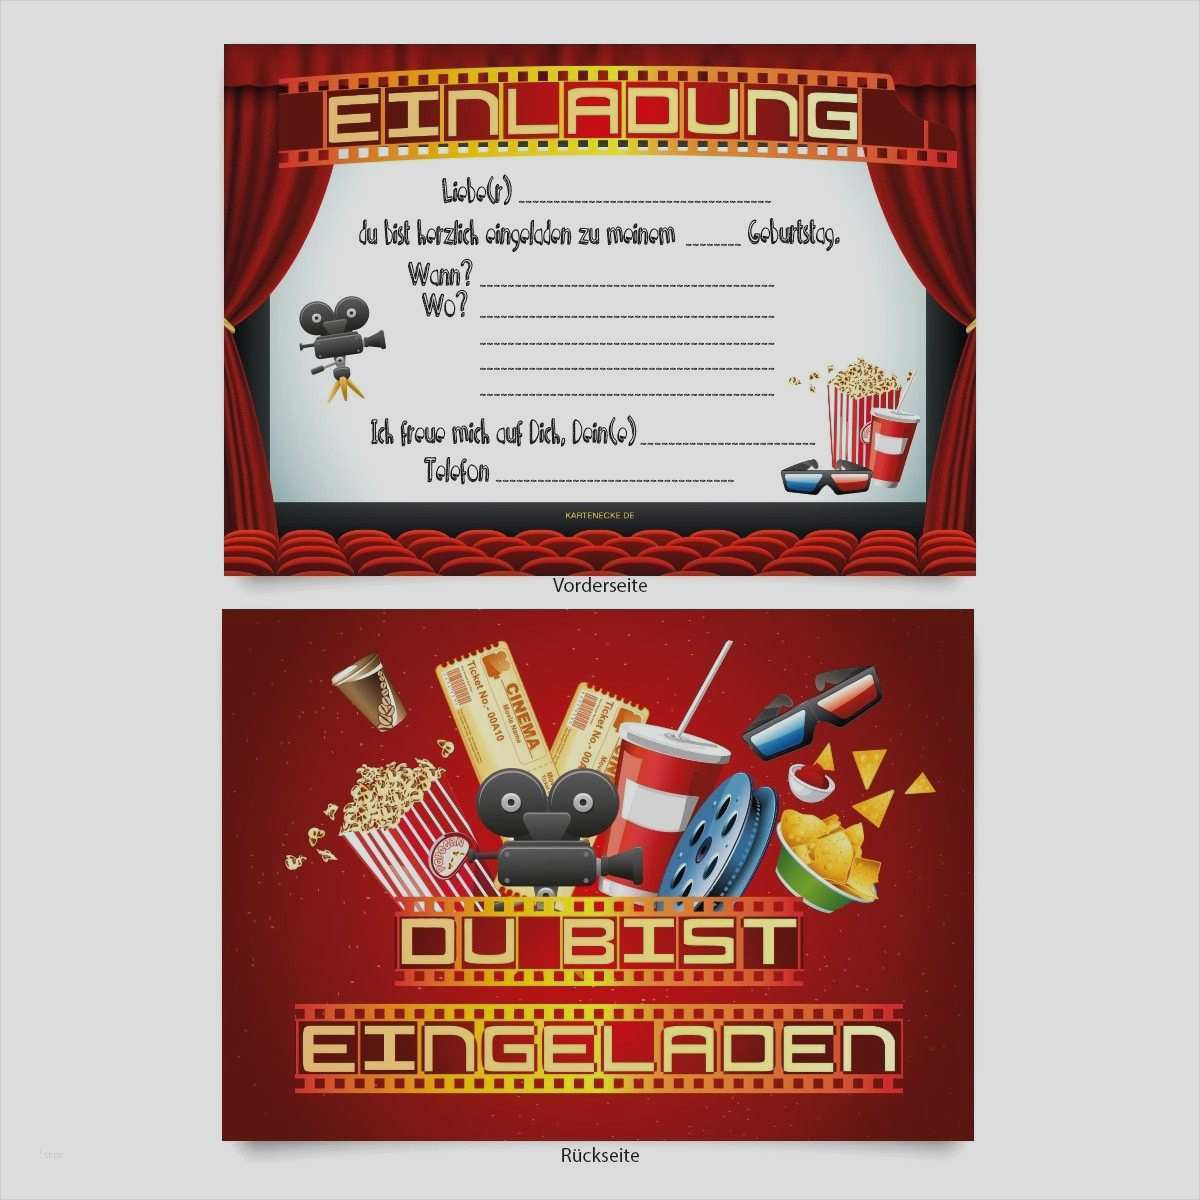 Filmklappe Einladung Vorlage Kostenlos 12 Luxus Diese Können ganzes Filmklappe Einladung Vorlage Kostenlos